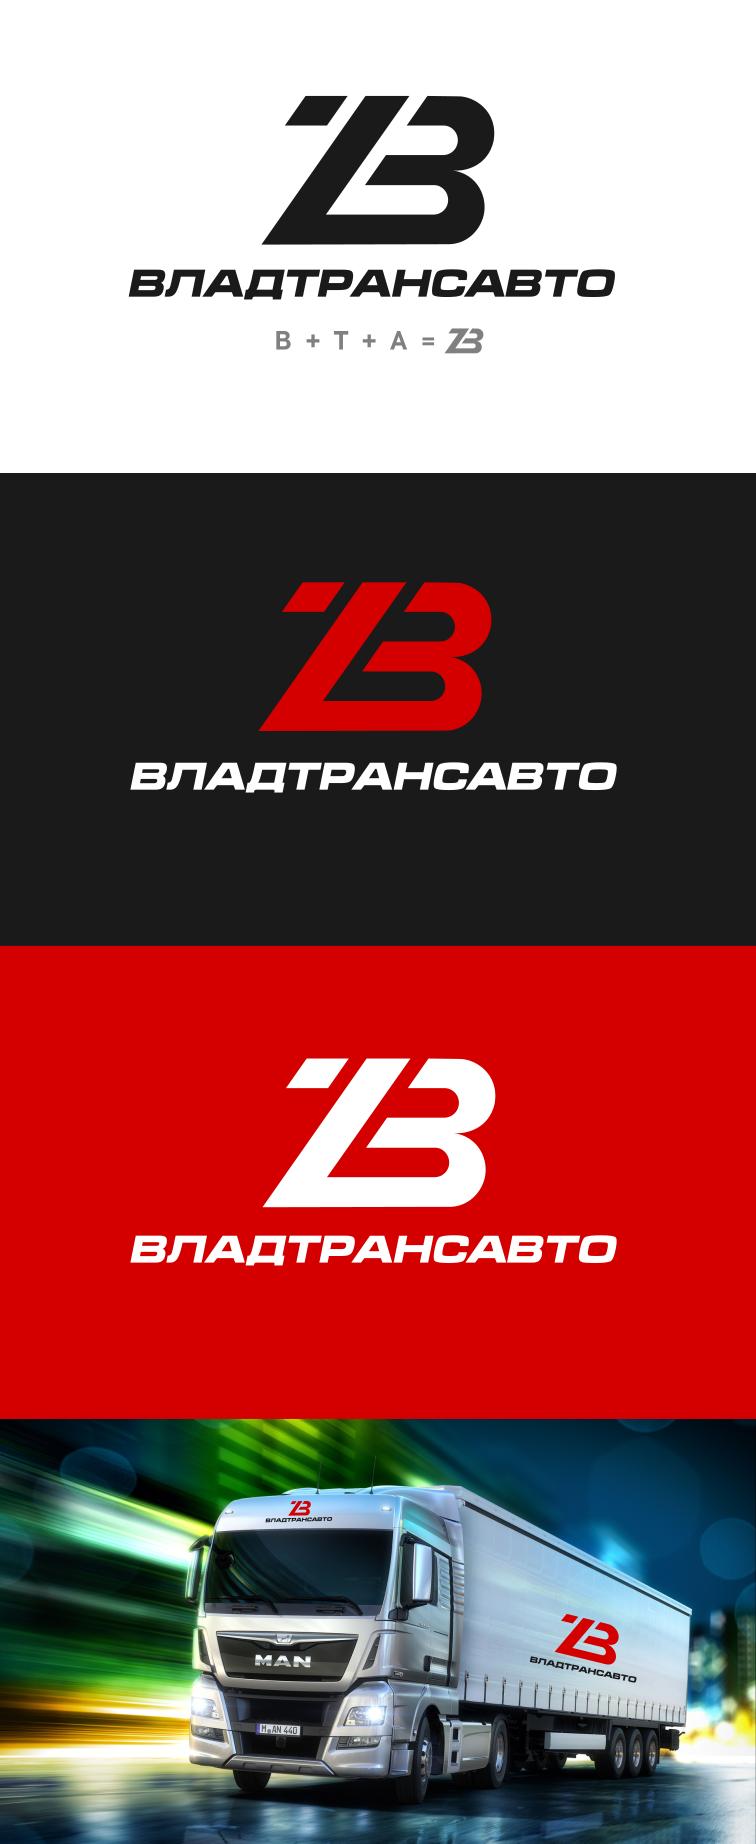 Логотип и фирменный стиль для транспортной компании Владтрансавто фото f_5825cf247d803488.png